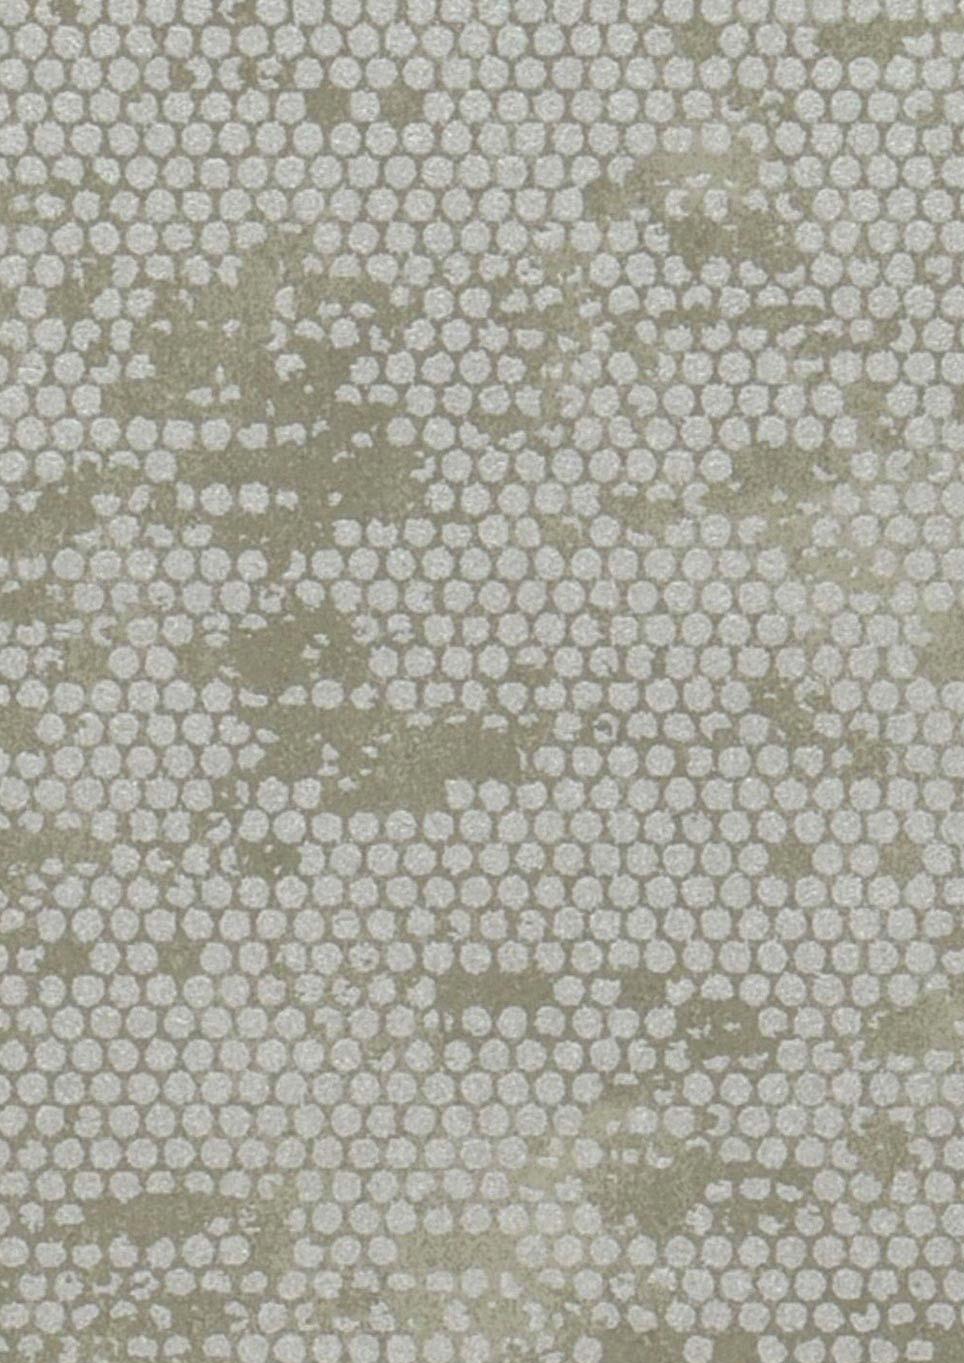 Carta da parati ikebana grigio muschio argento carta for Carta parati argento